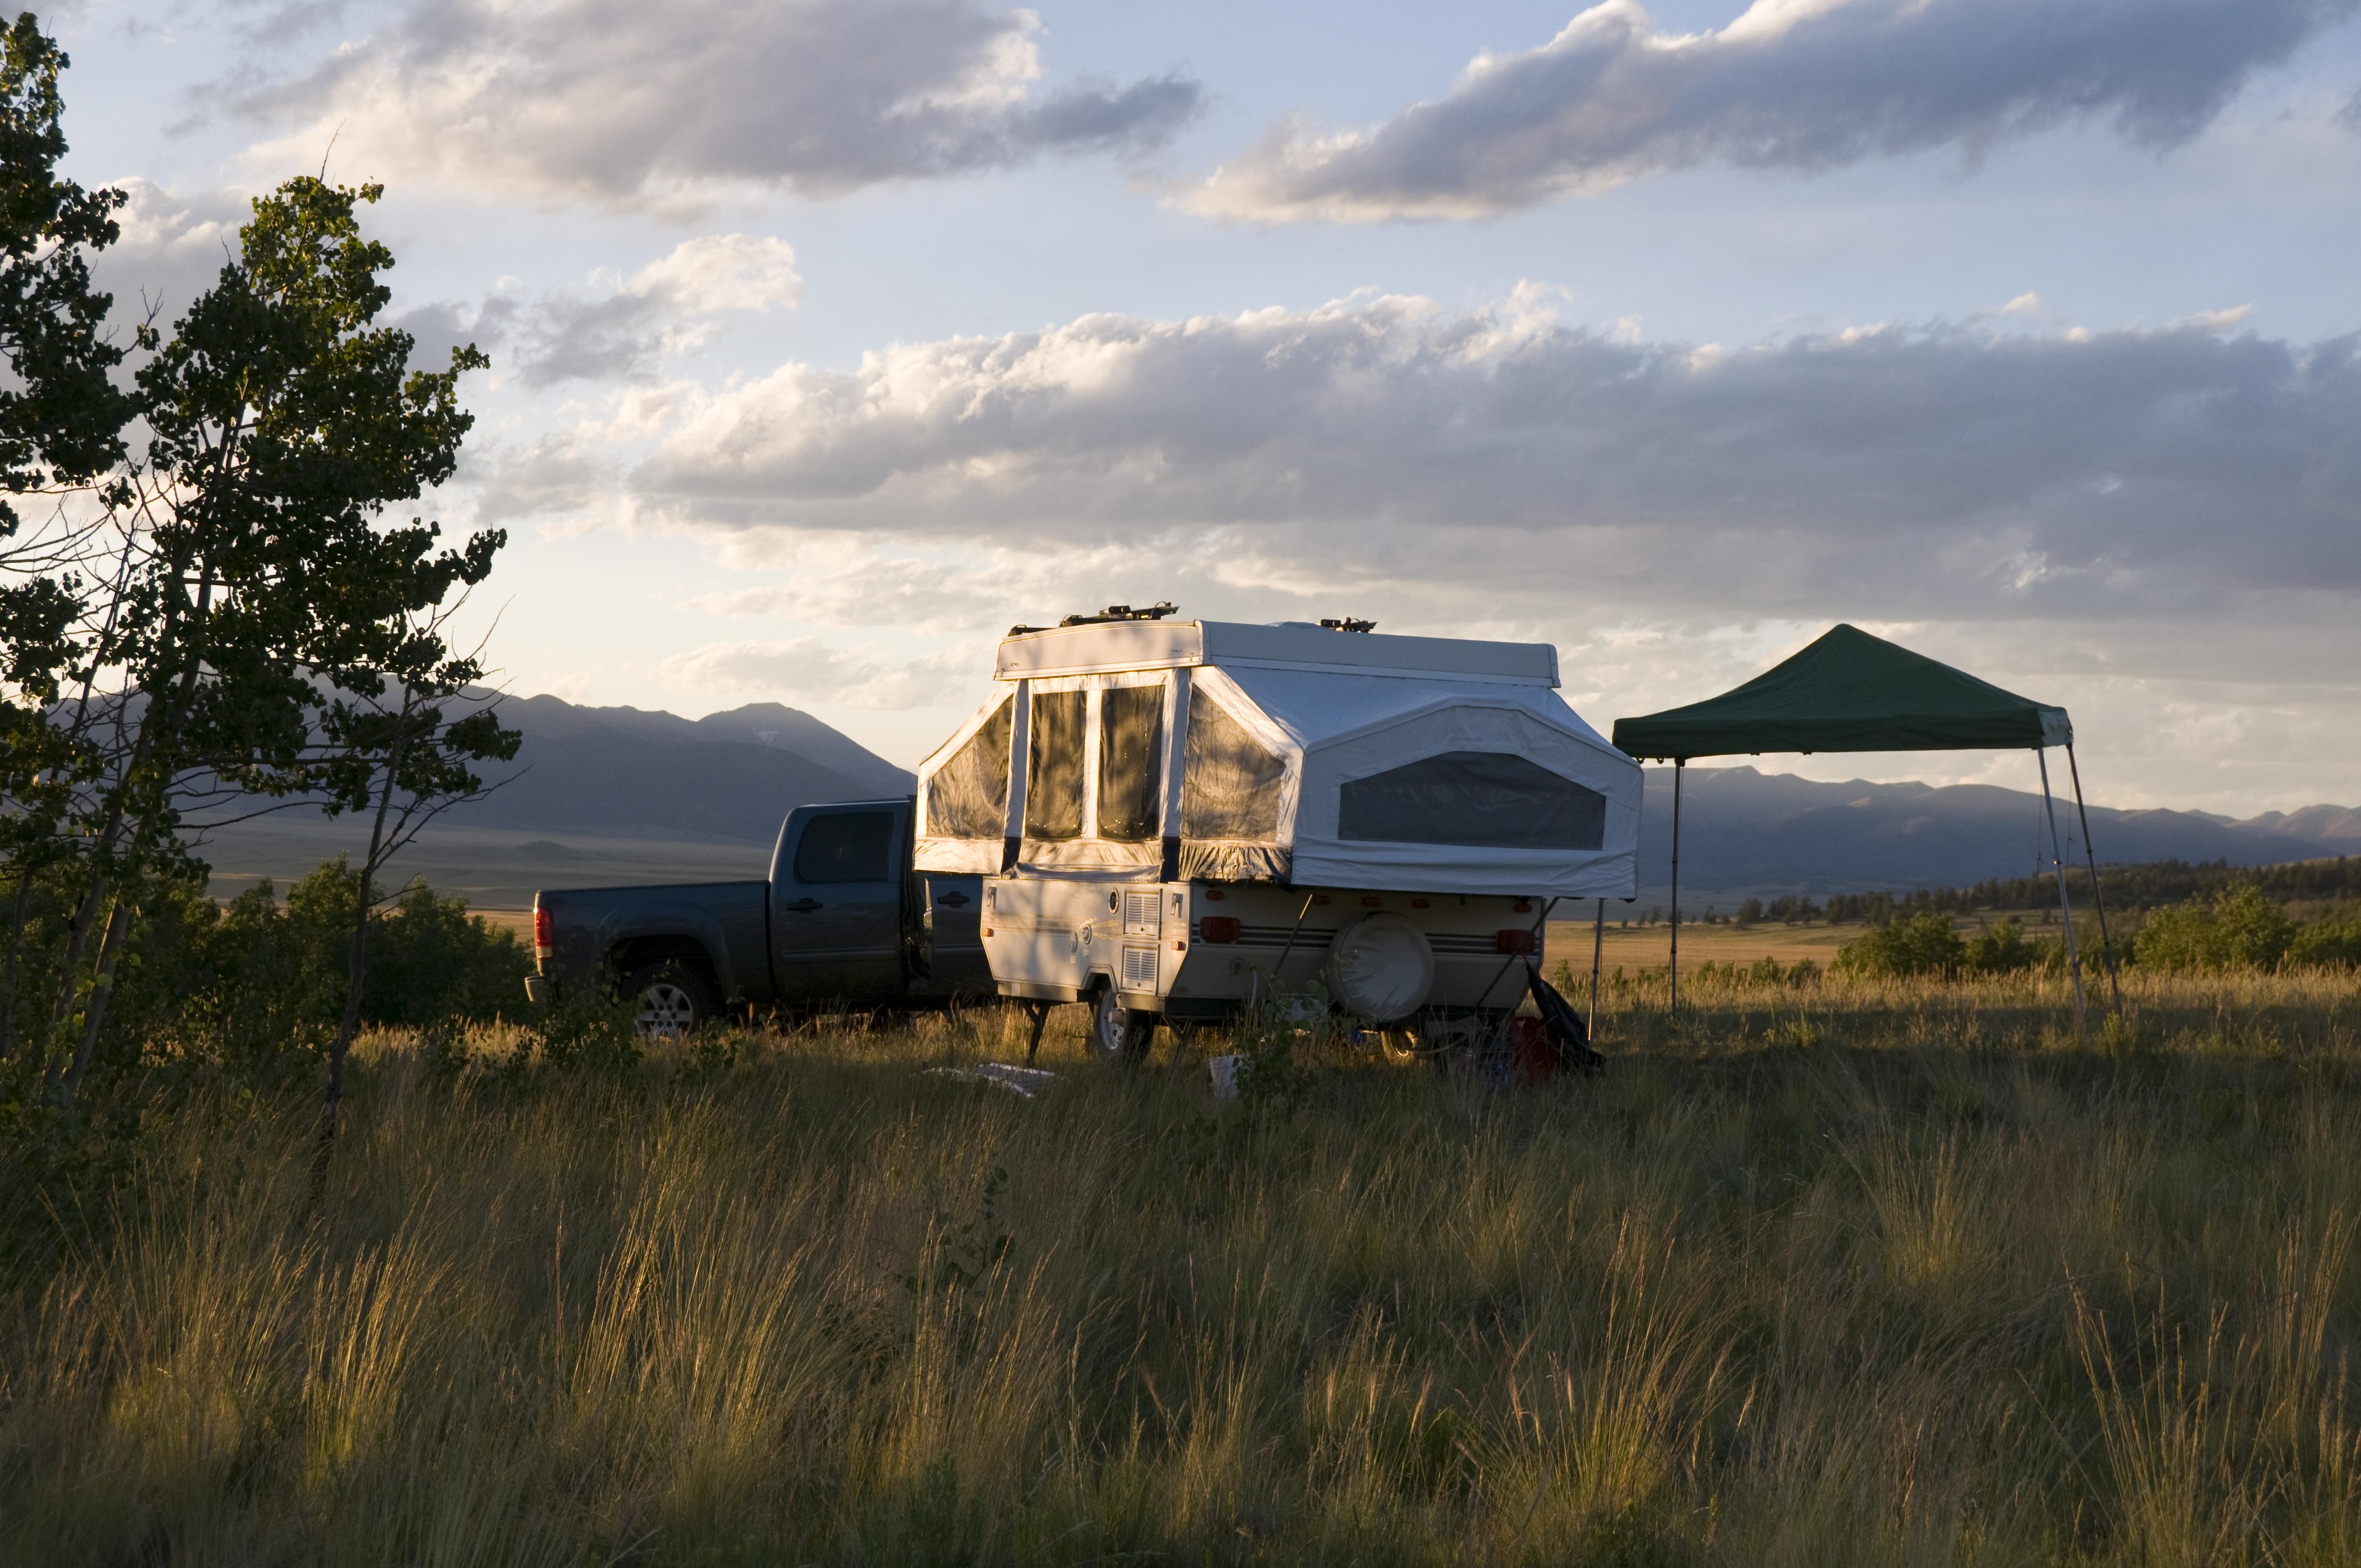 A pop-up camper in a field